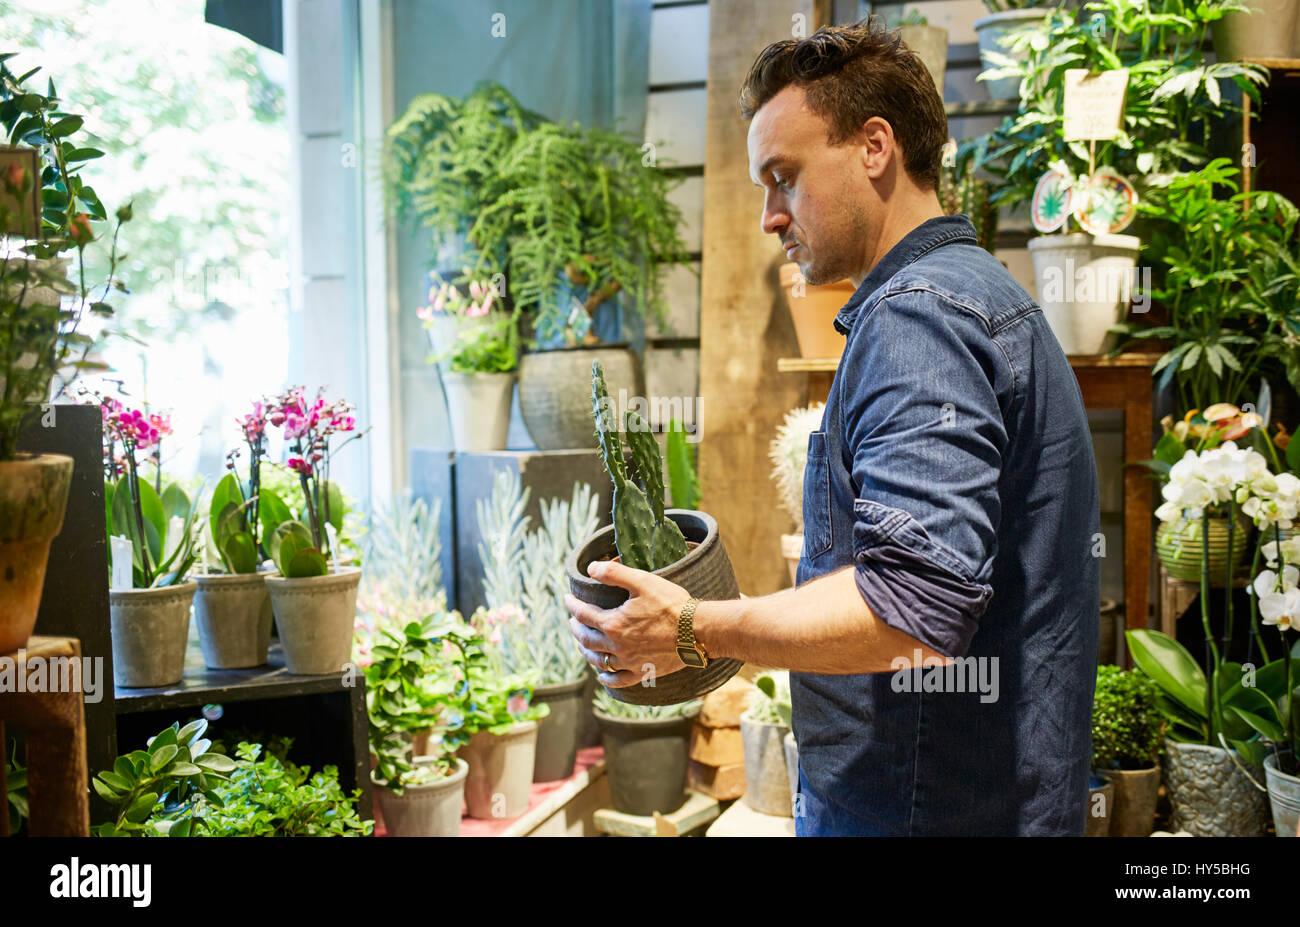 La Svezia, fioraio lavorando in negozio di fiori Immagini Stock